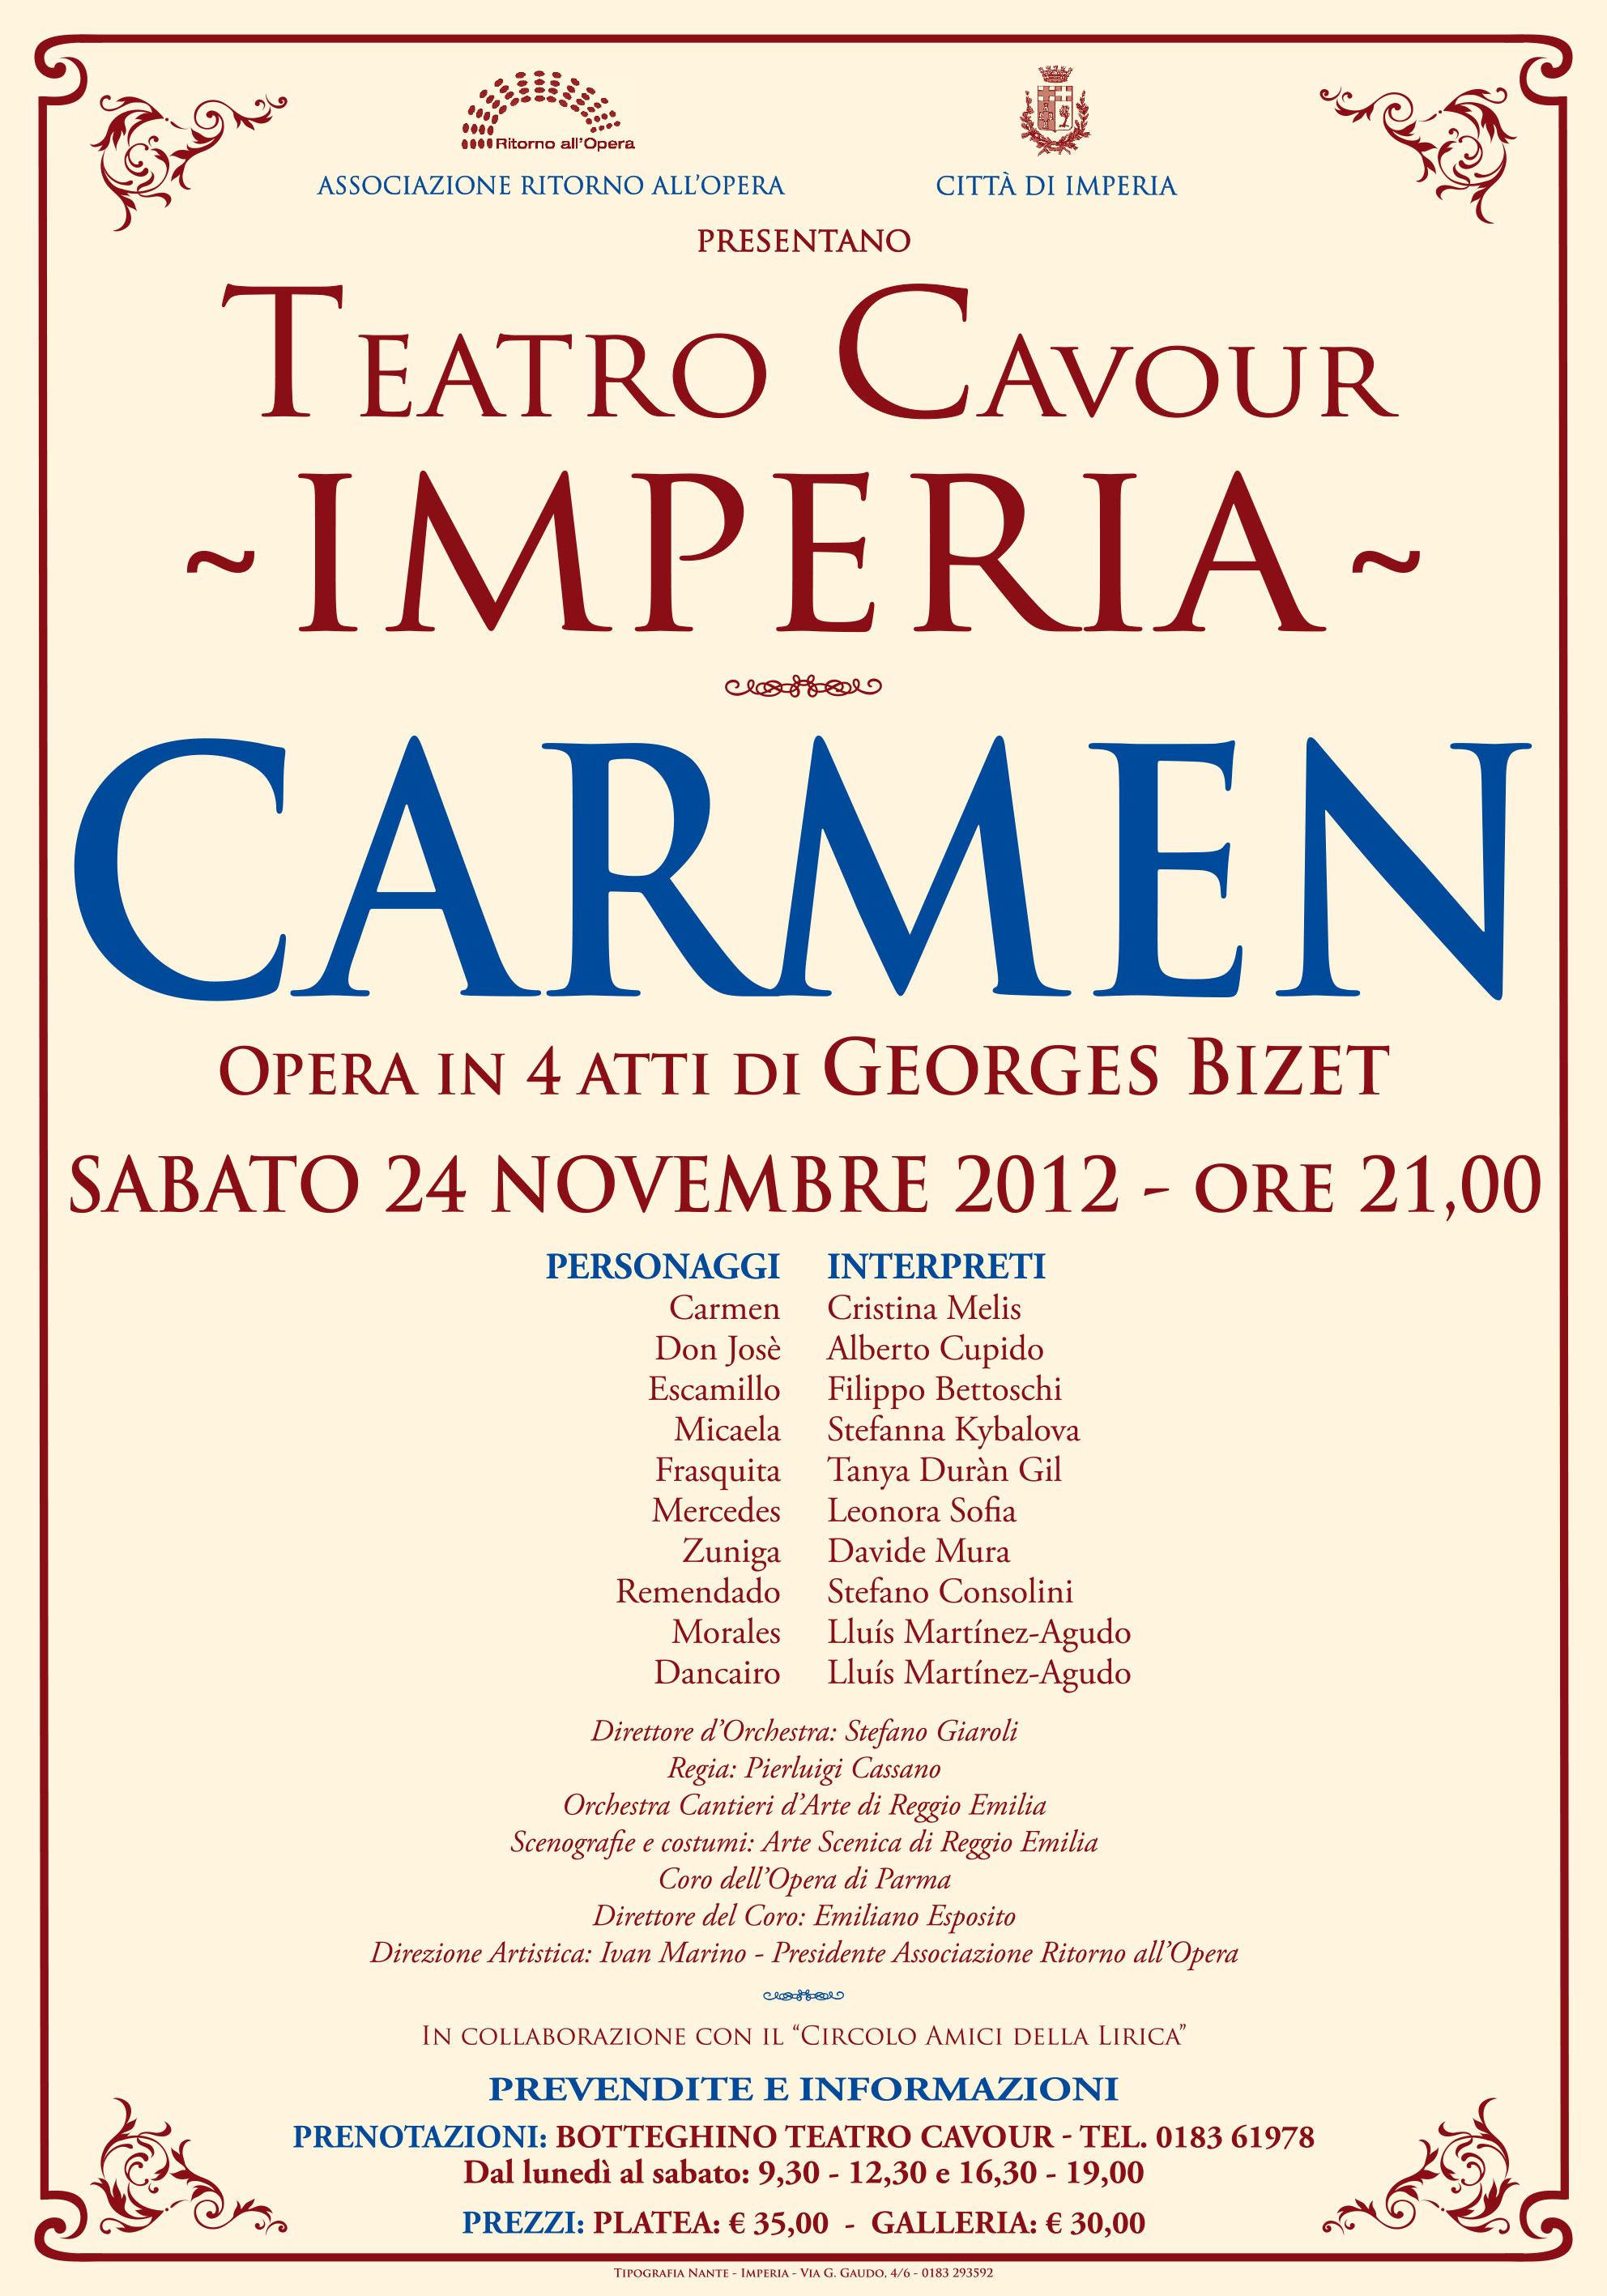 manifesto-carmen_imperia